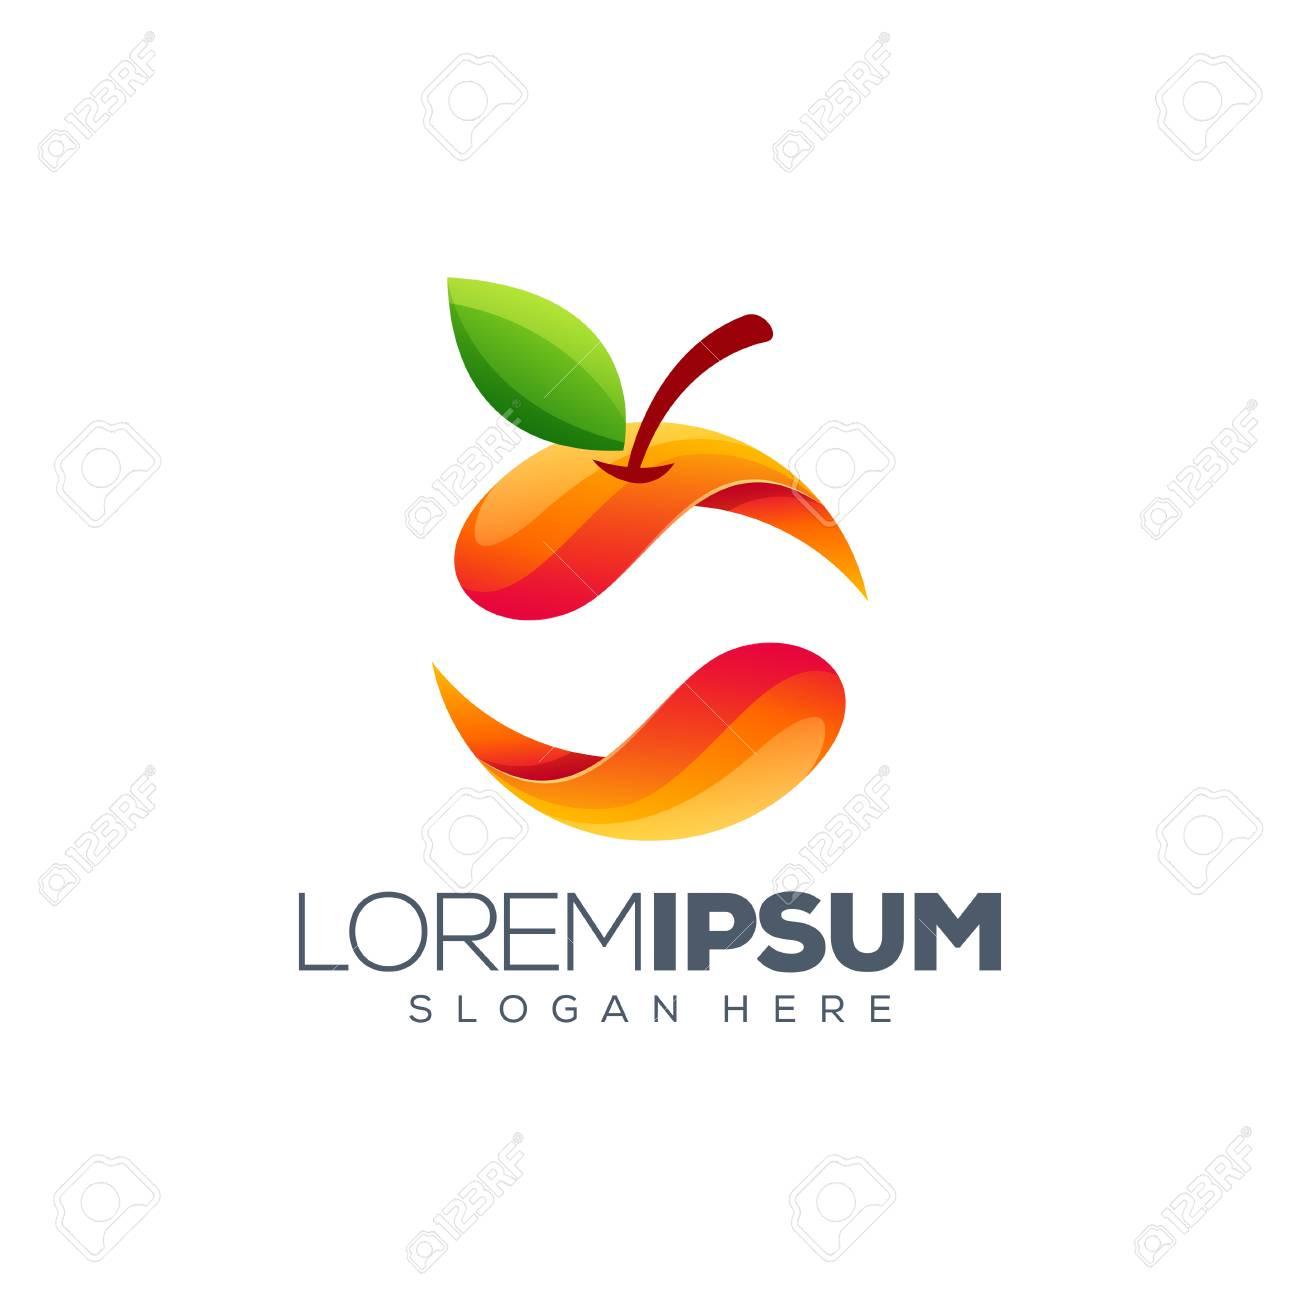 colorful orange logo design - 123595393